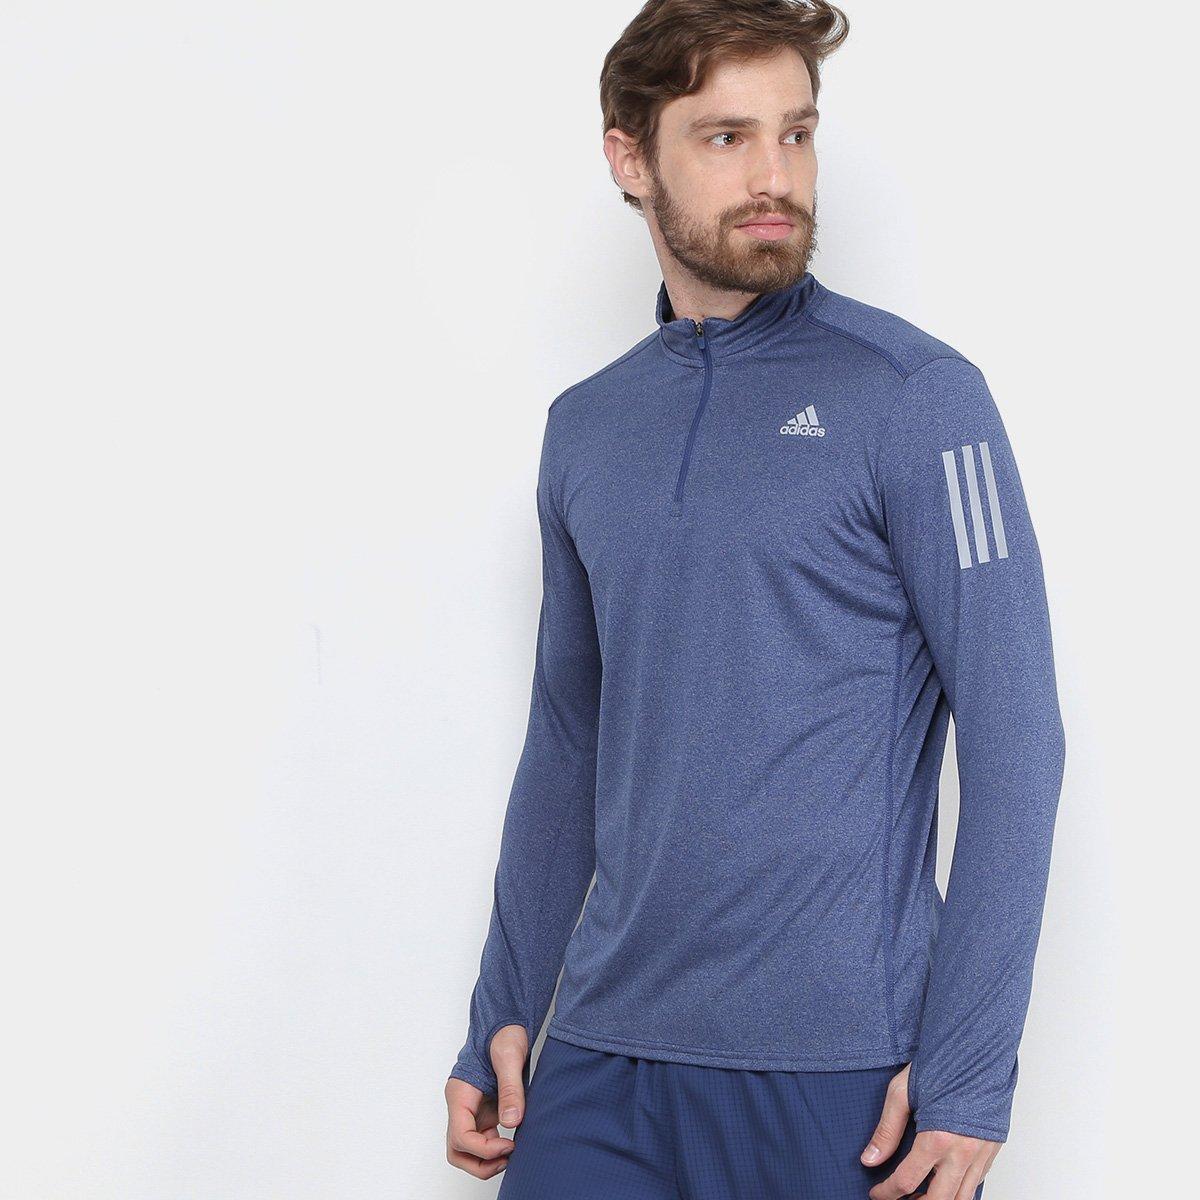 37d3dc04719 Camiseta Adidas Manga Longa Rs Ls Zip Masculina - Compre Agora